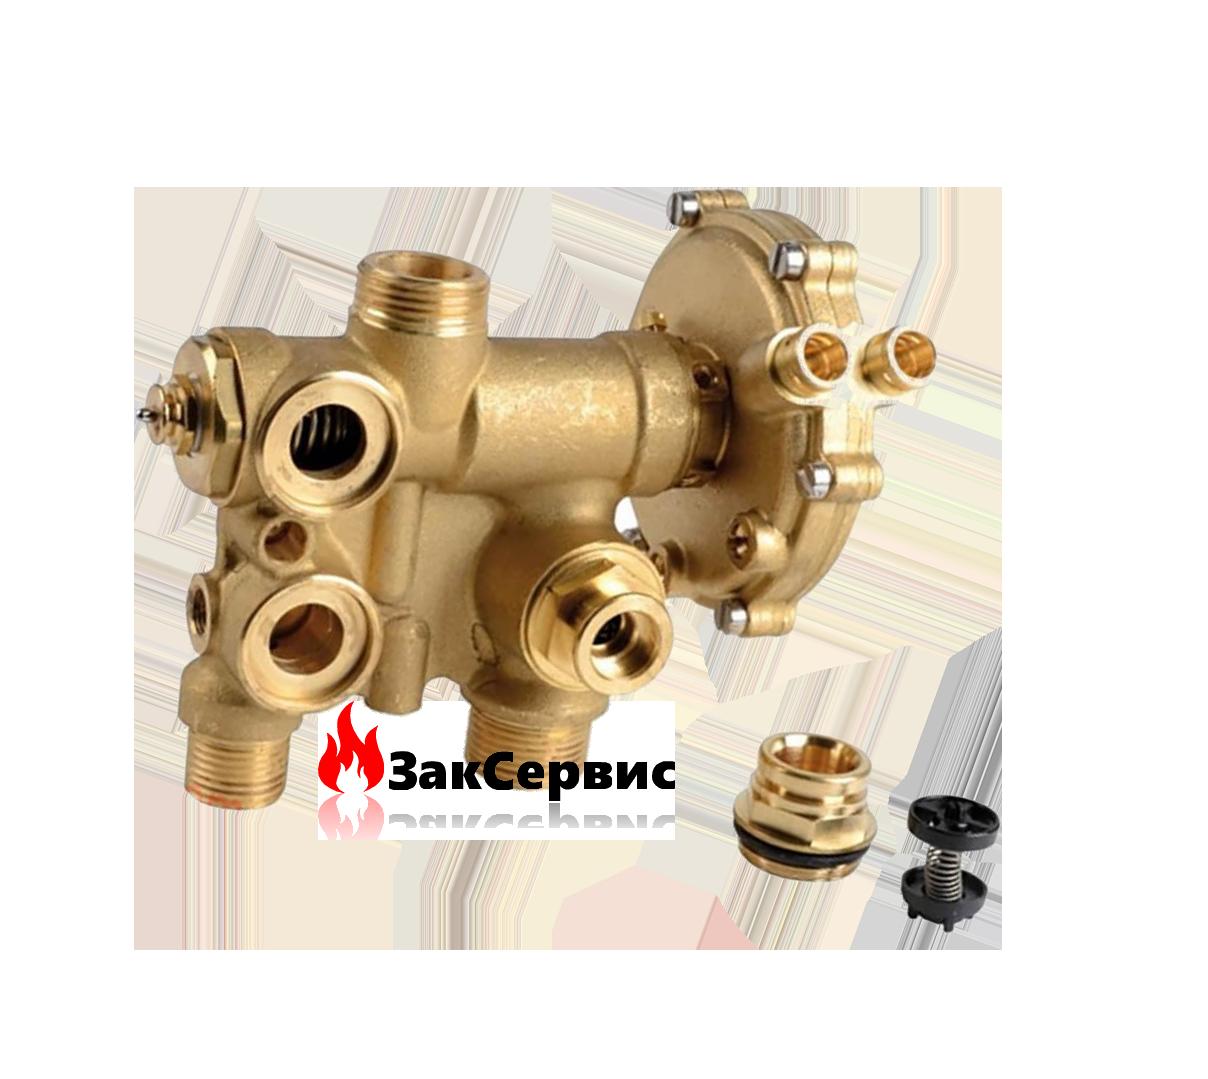 Гидравлическая группа трехходового клапана на газовый котел Ariston GENUS 23-27 MI/MFFI 998069